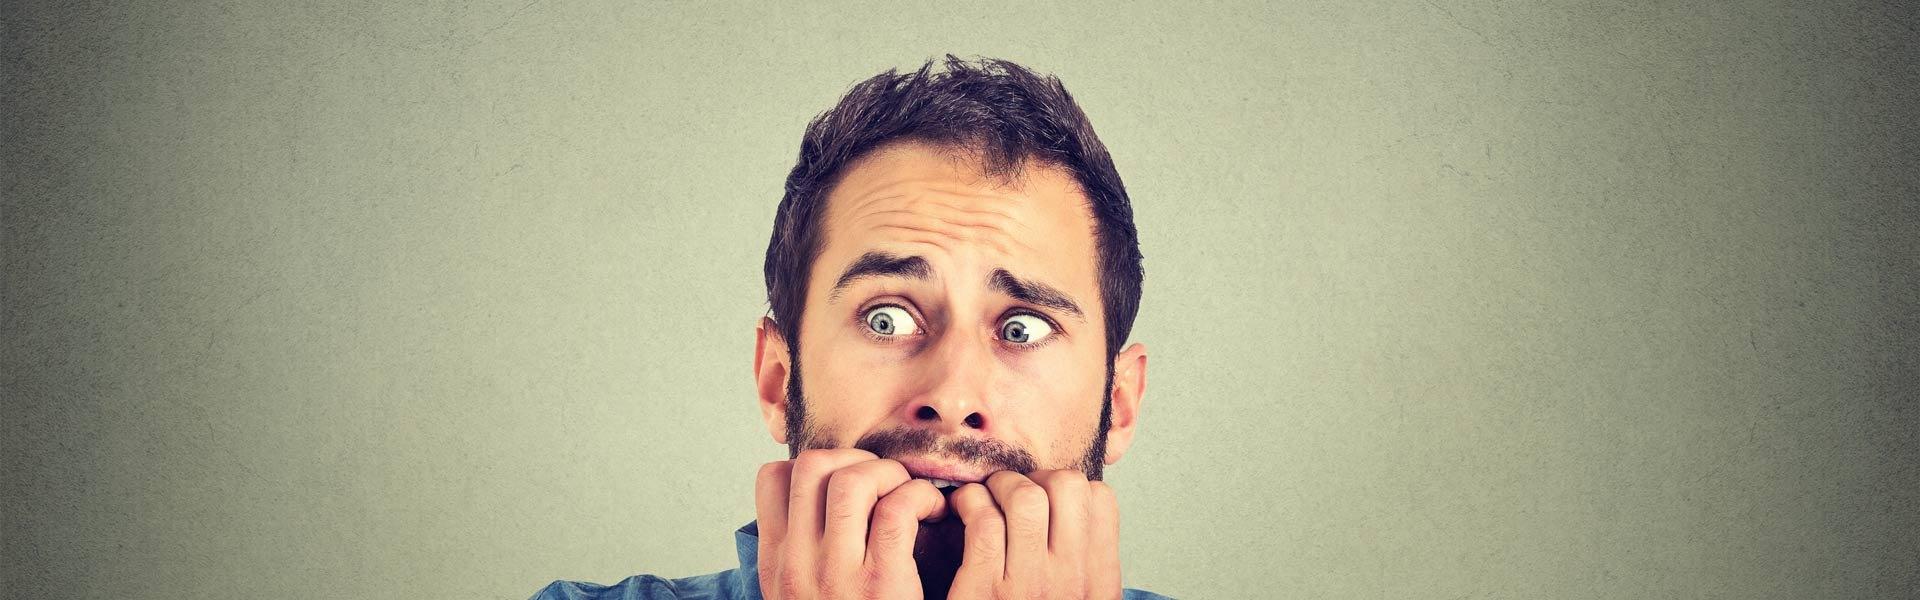 10 cose di cui abbiamo paura